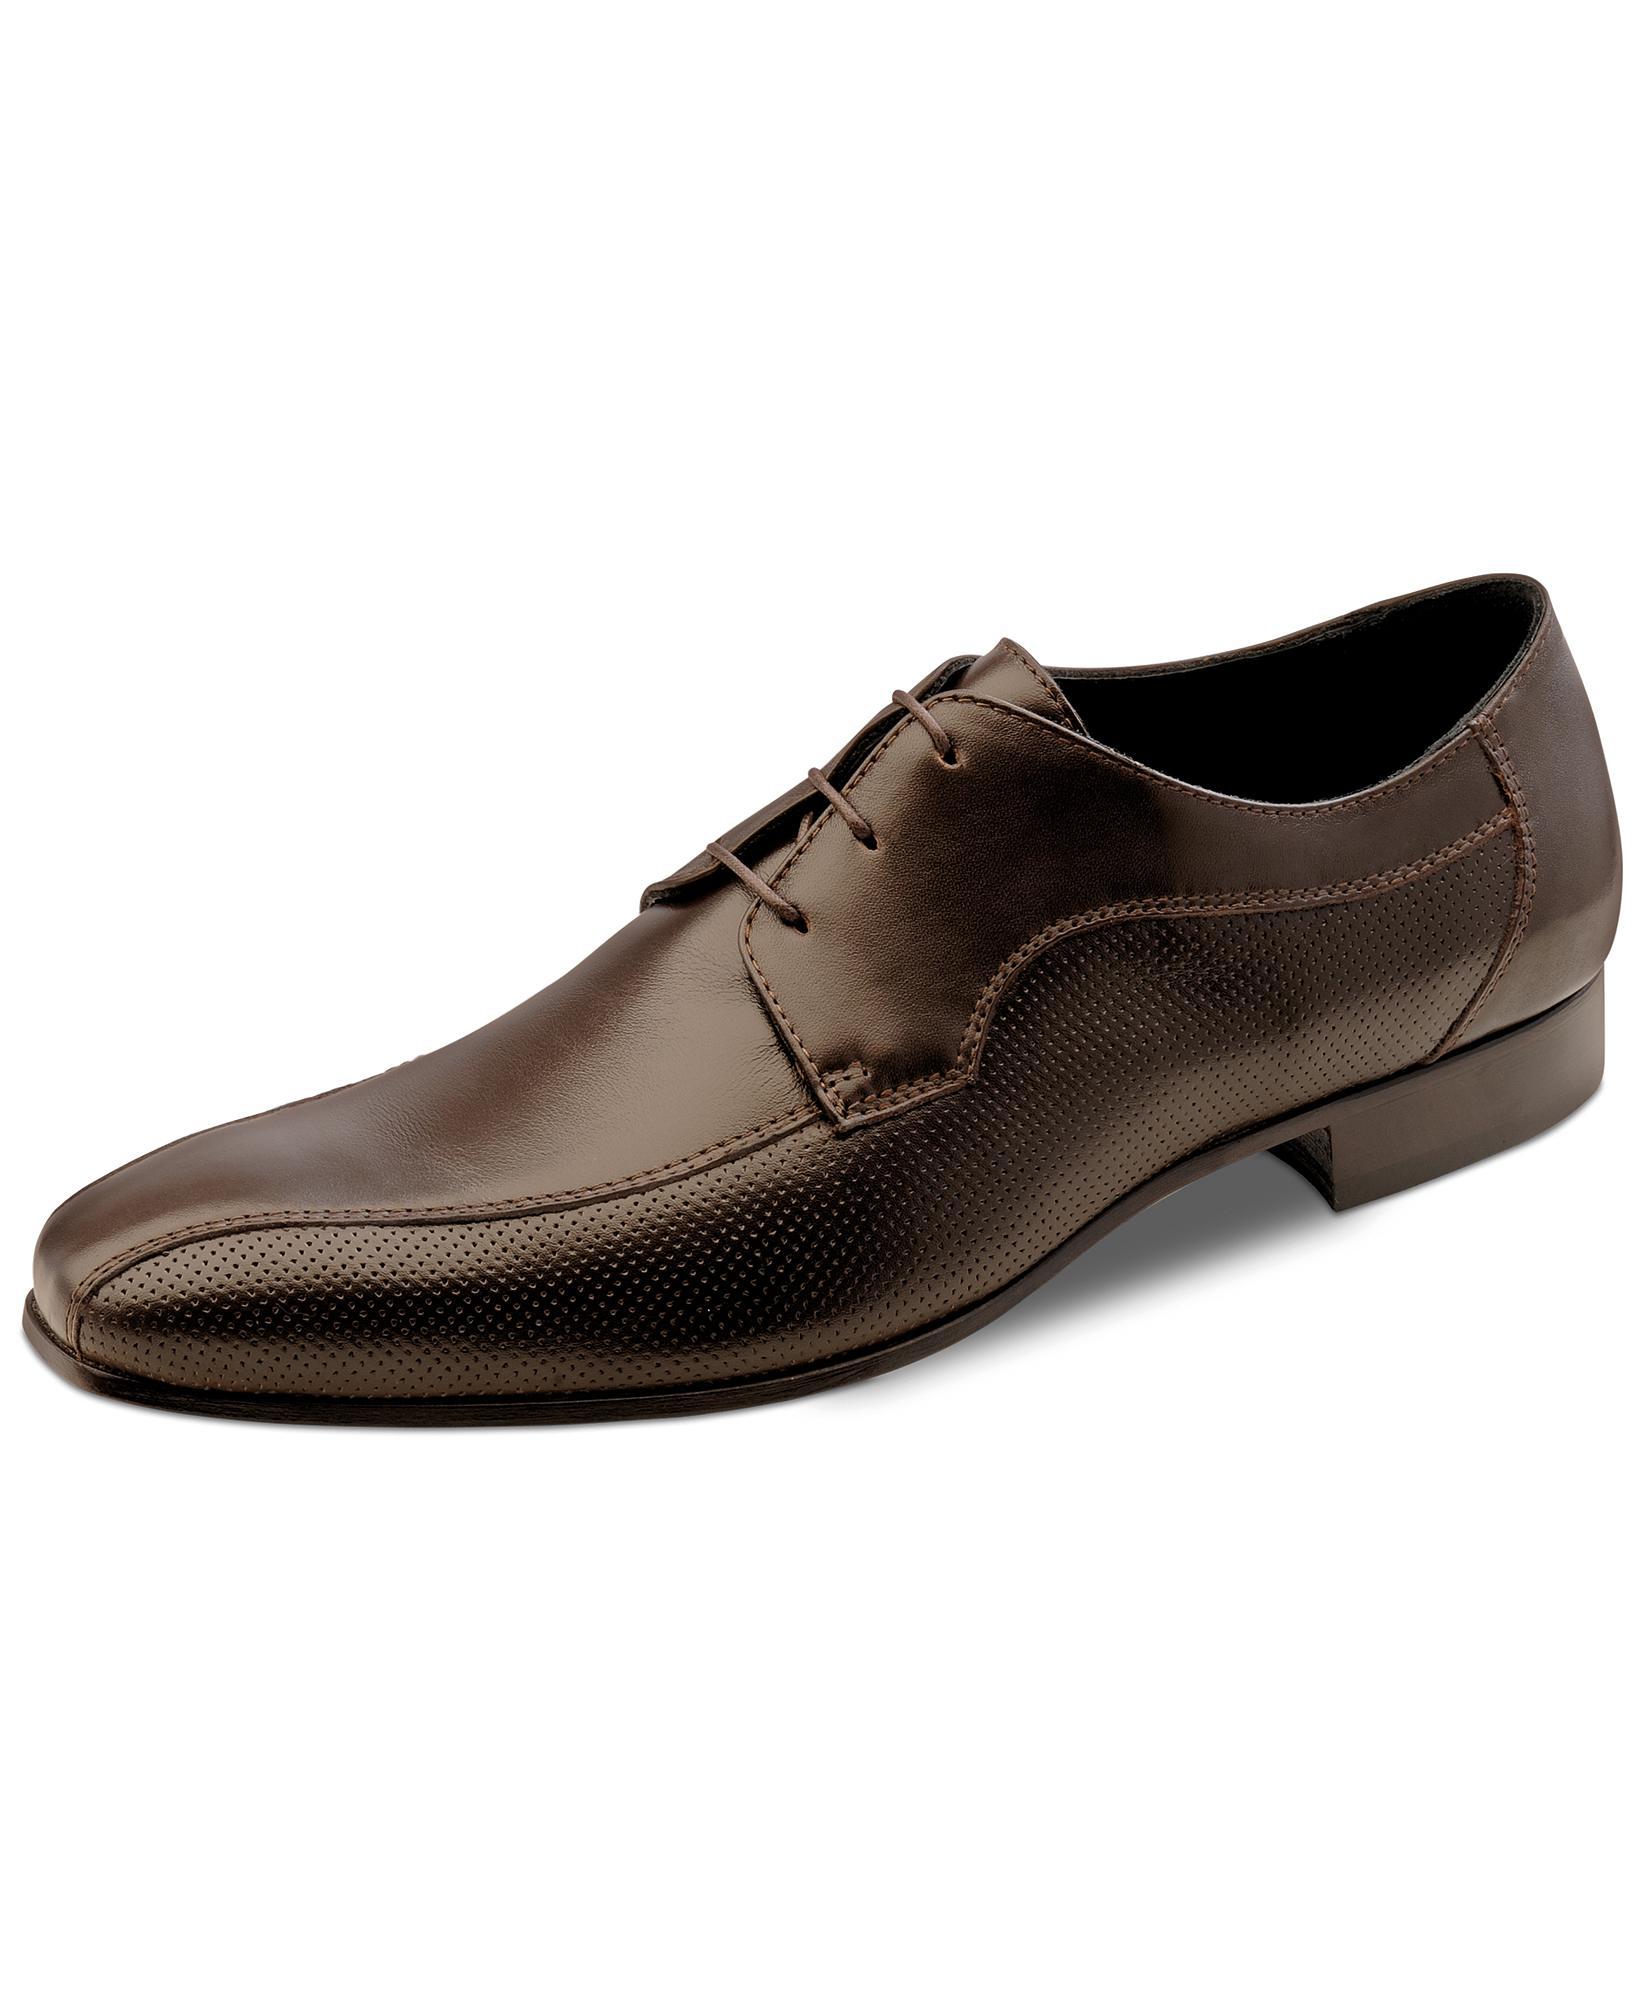 Wilvorst bőr cipő 0253-448306/.. Ár:47.900 Ft